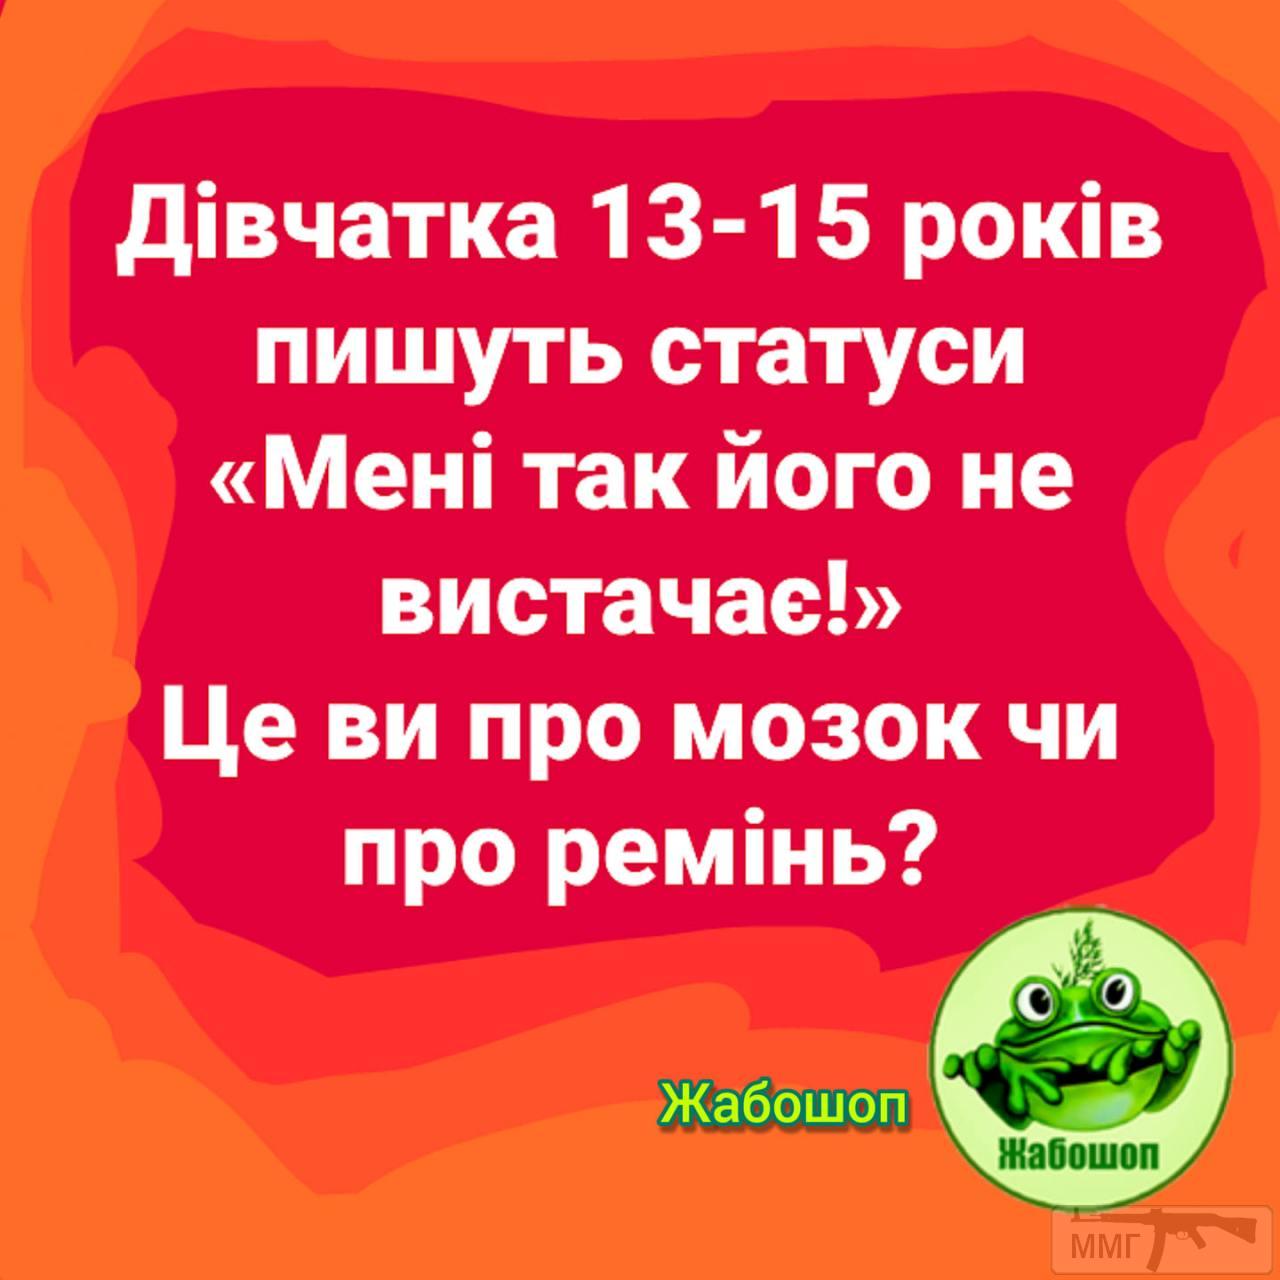 104131 - Анекдоты и другие короткие смешные тексты